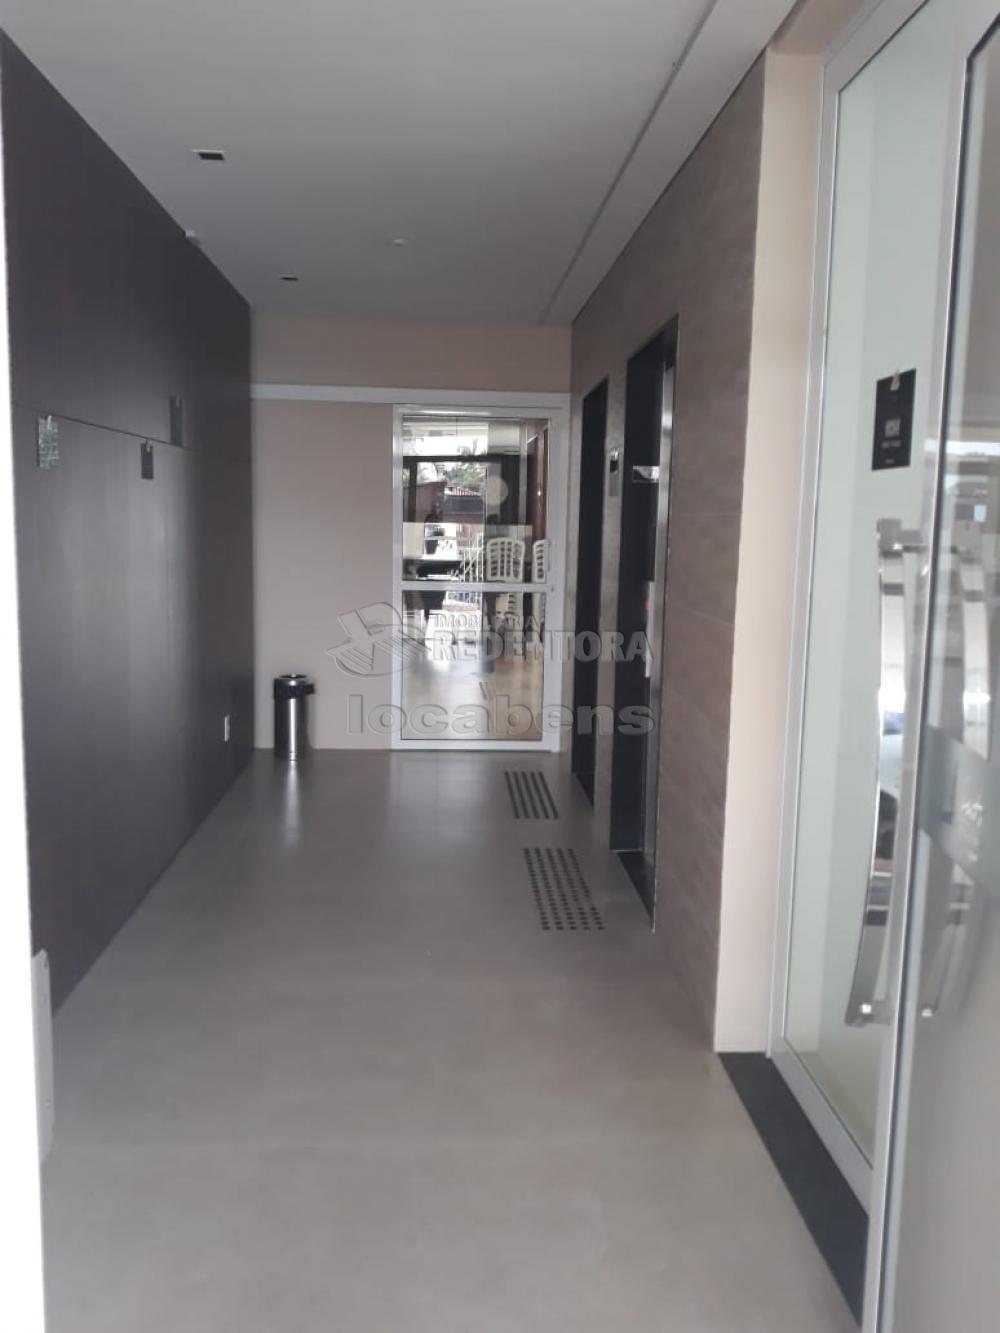 Comprar Apartamento / Padrão em São José do Rio Preto R$ 350.000,00 - Foto 12